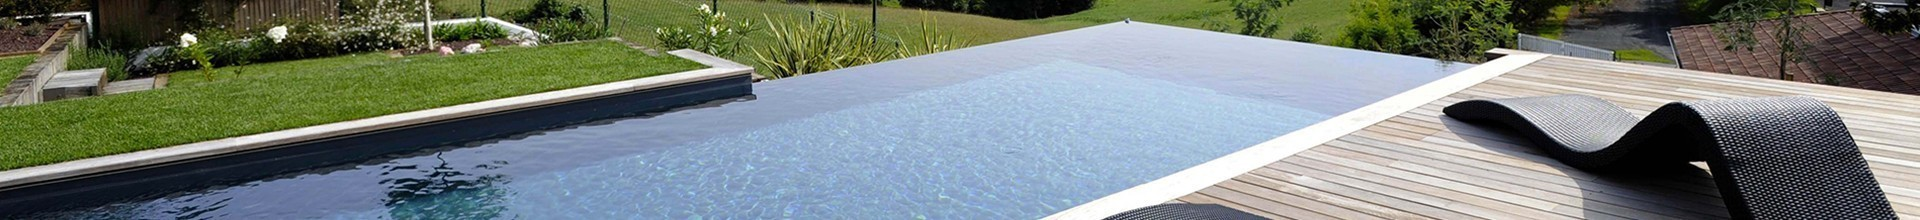 Direct usine, piscine coque prix Var